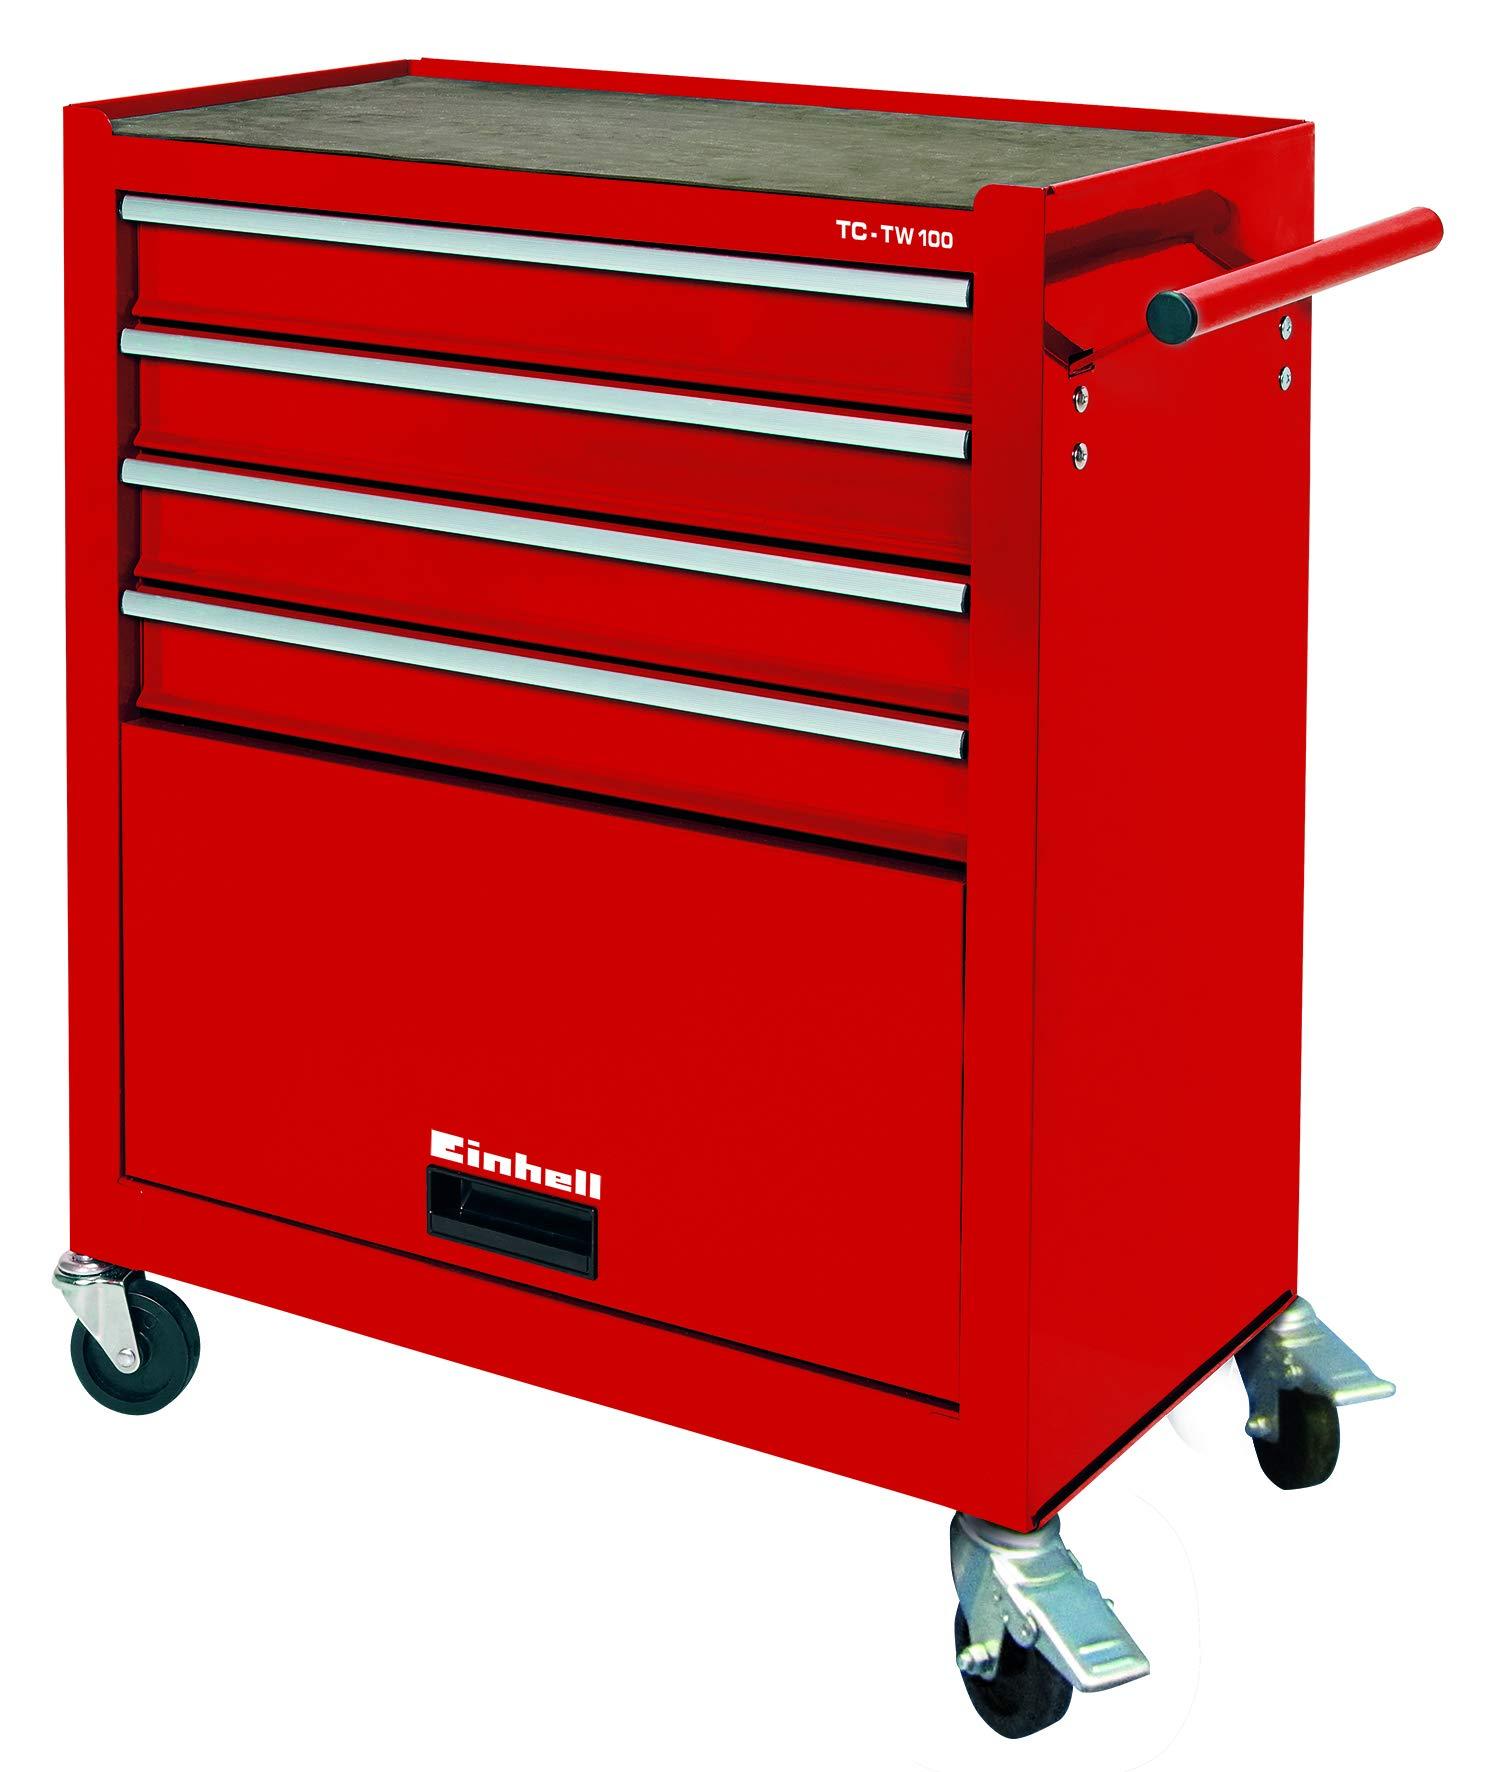 Einhell Werkstattwagen TC-TW 100 (4 Schubladen, 4 drehbare Rollen)